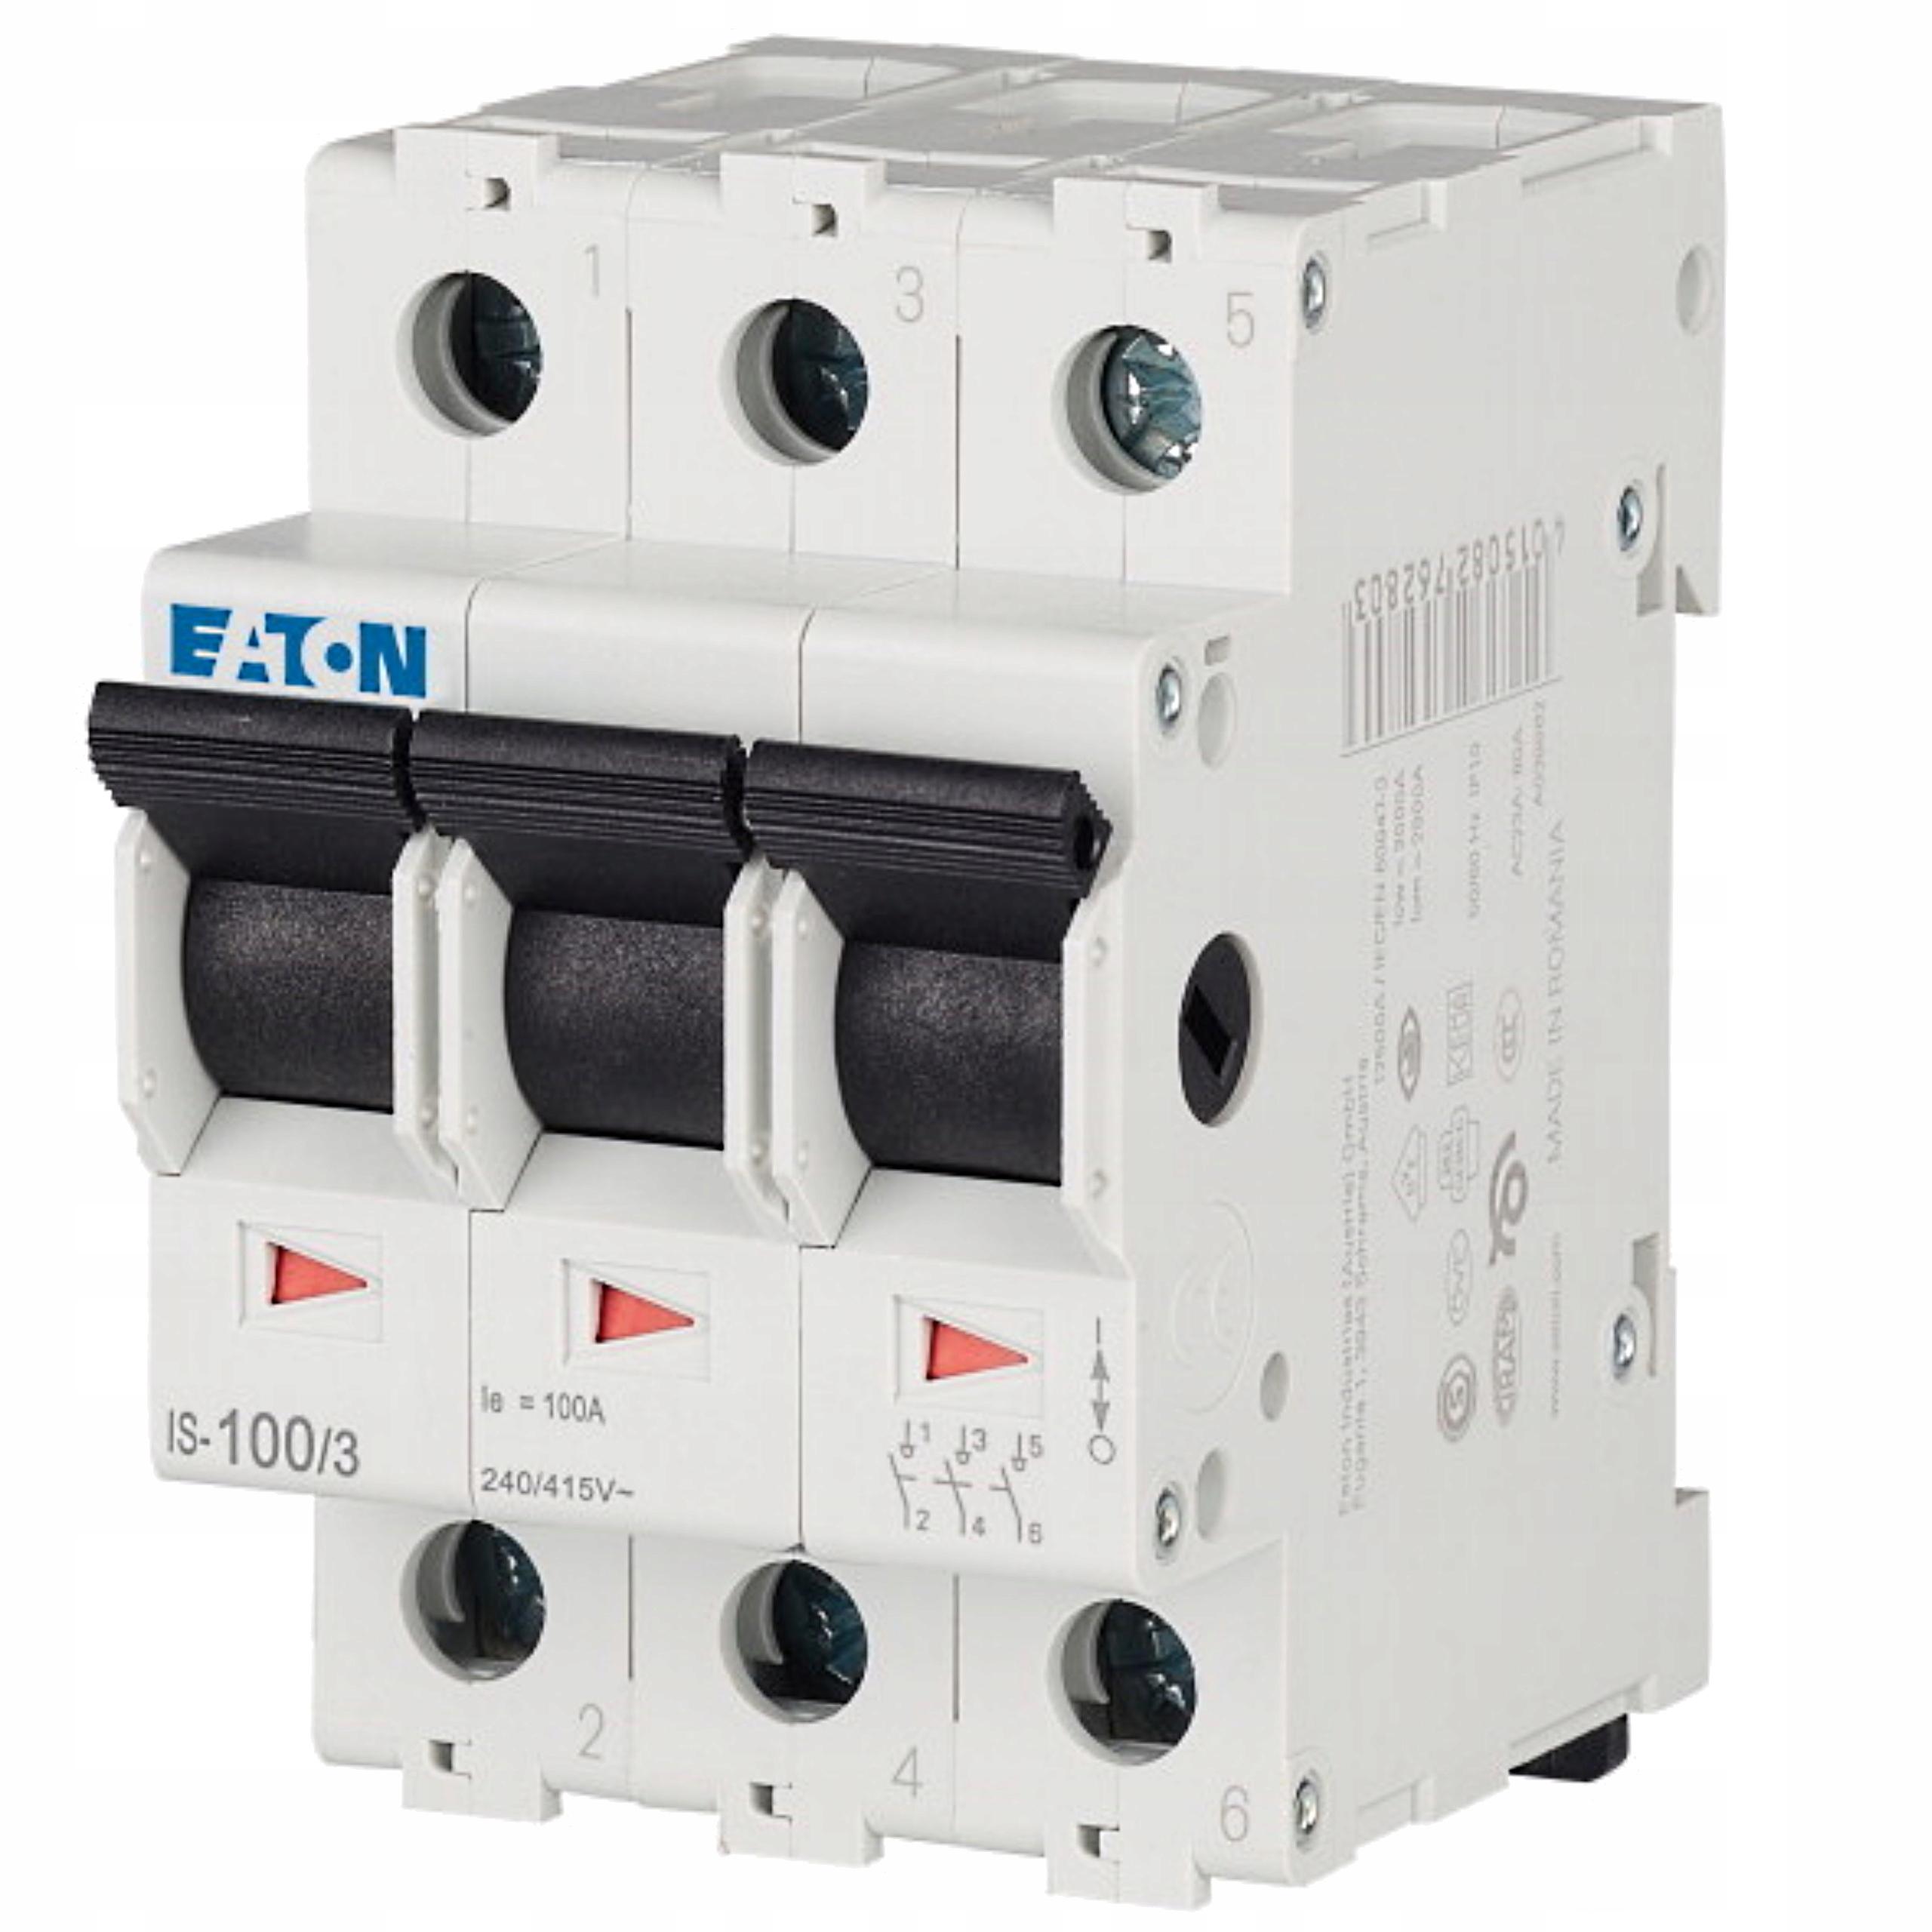 Выключатель-разъединитель модульный 0-1 100А 3П ИС-100/3